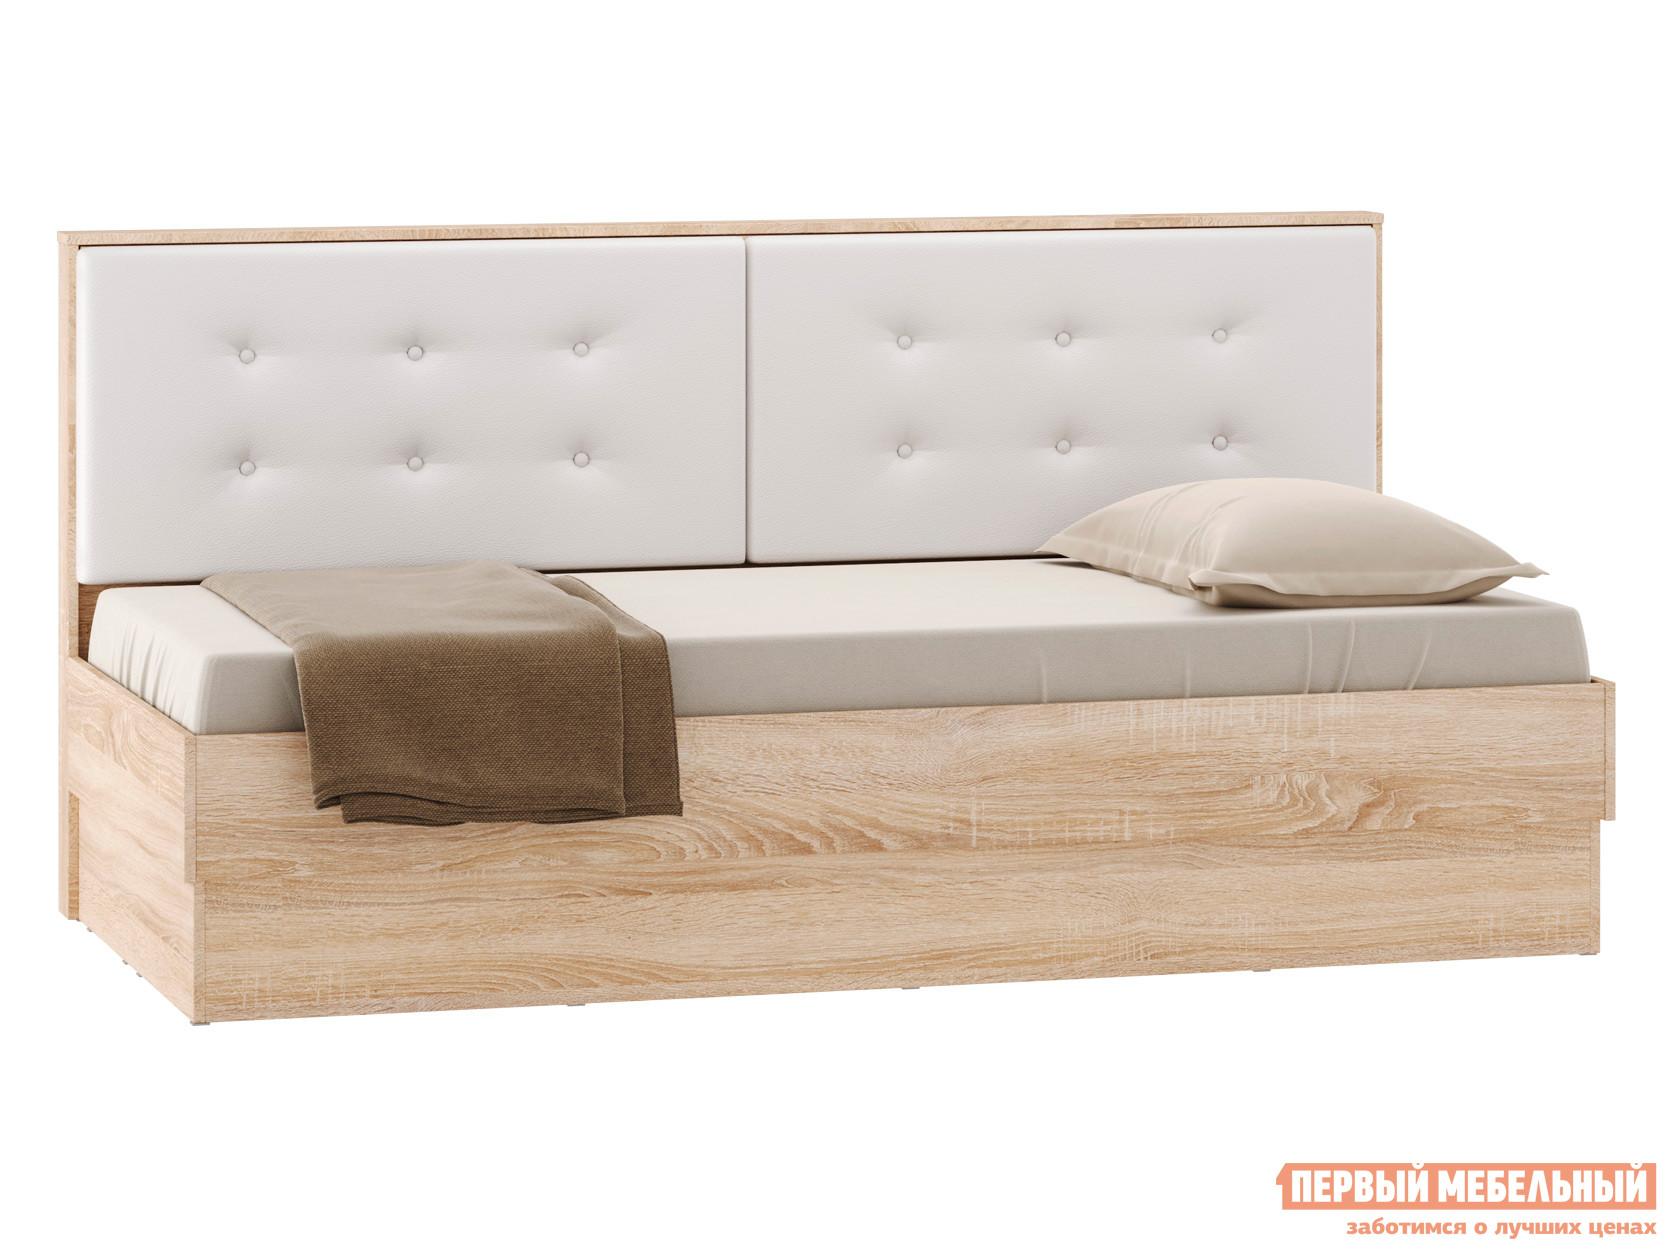 Односпальная кровать  Кровать Оксфорд Лайт 90х200 Дуб сонома / Белый, кожзам